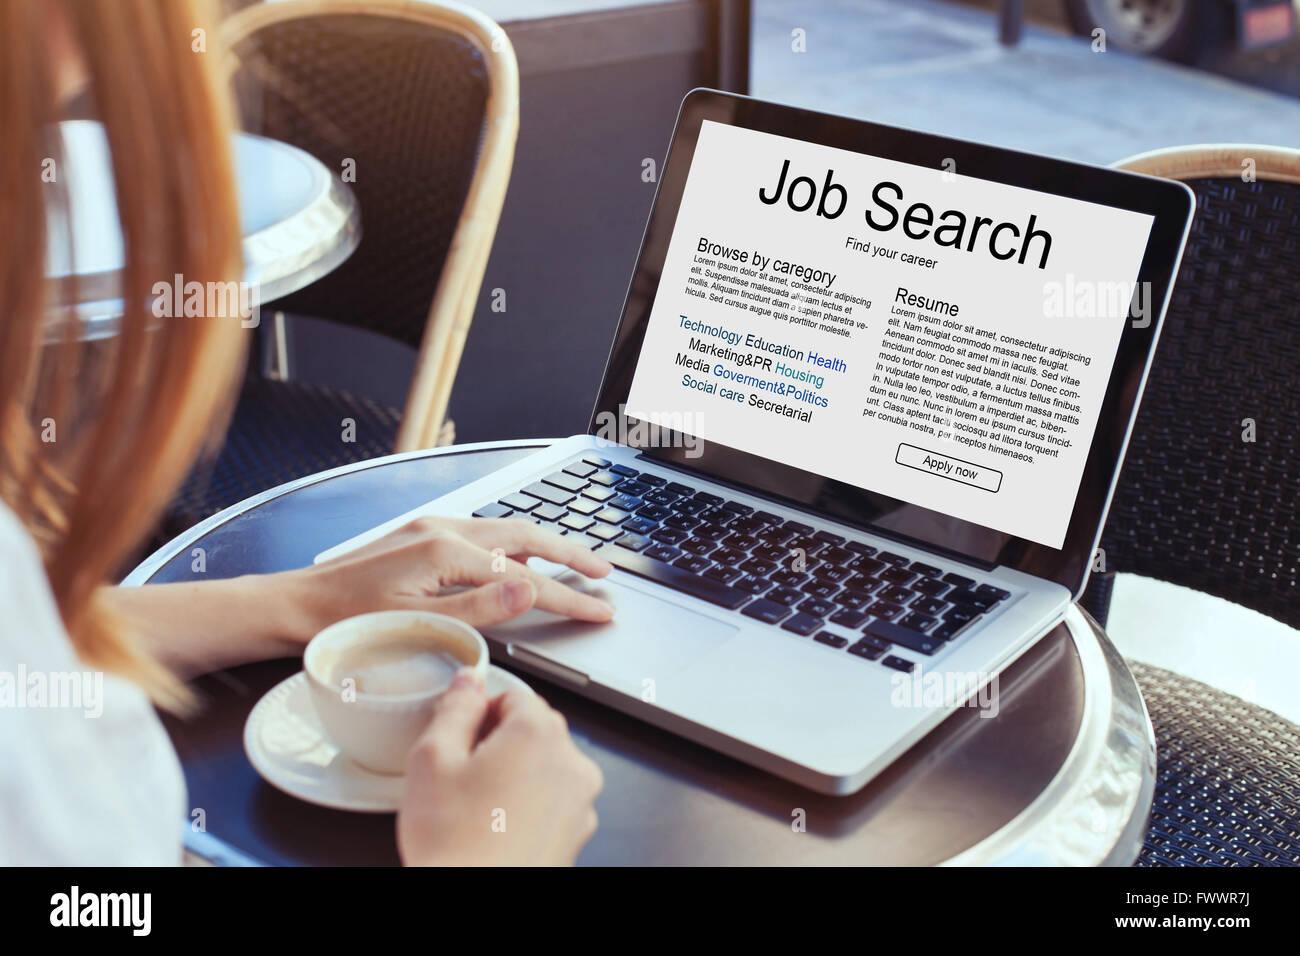 Ricerca di lavoro concetto, trova la tua carriera, sito web online Immagini Stock